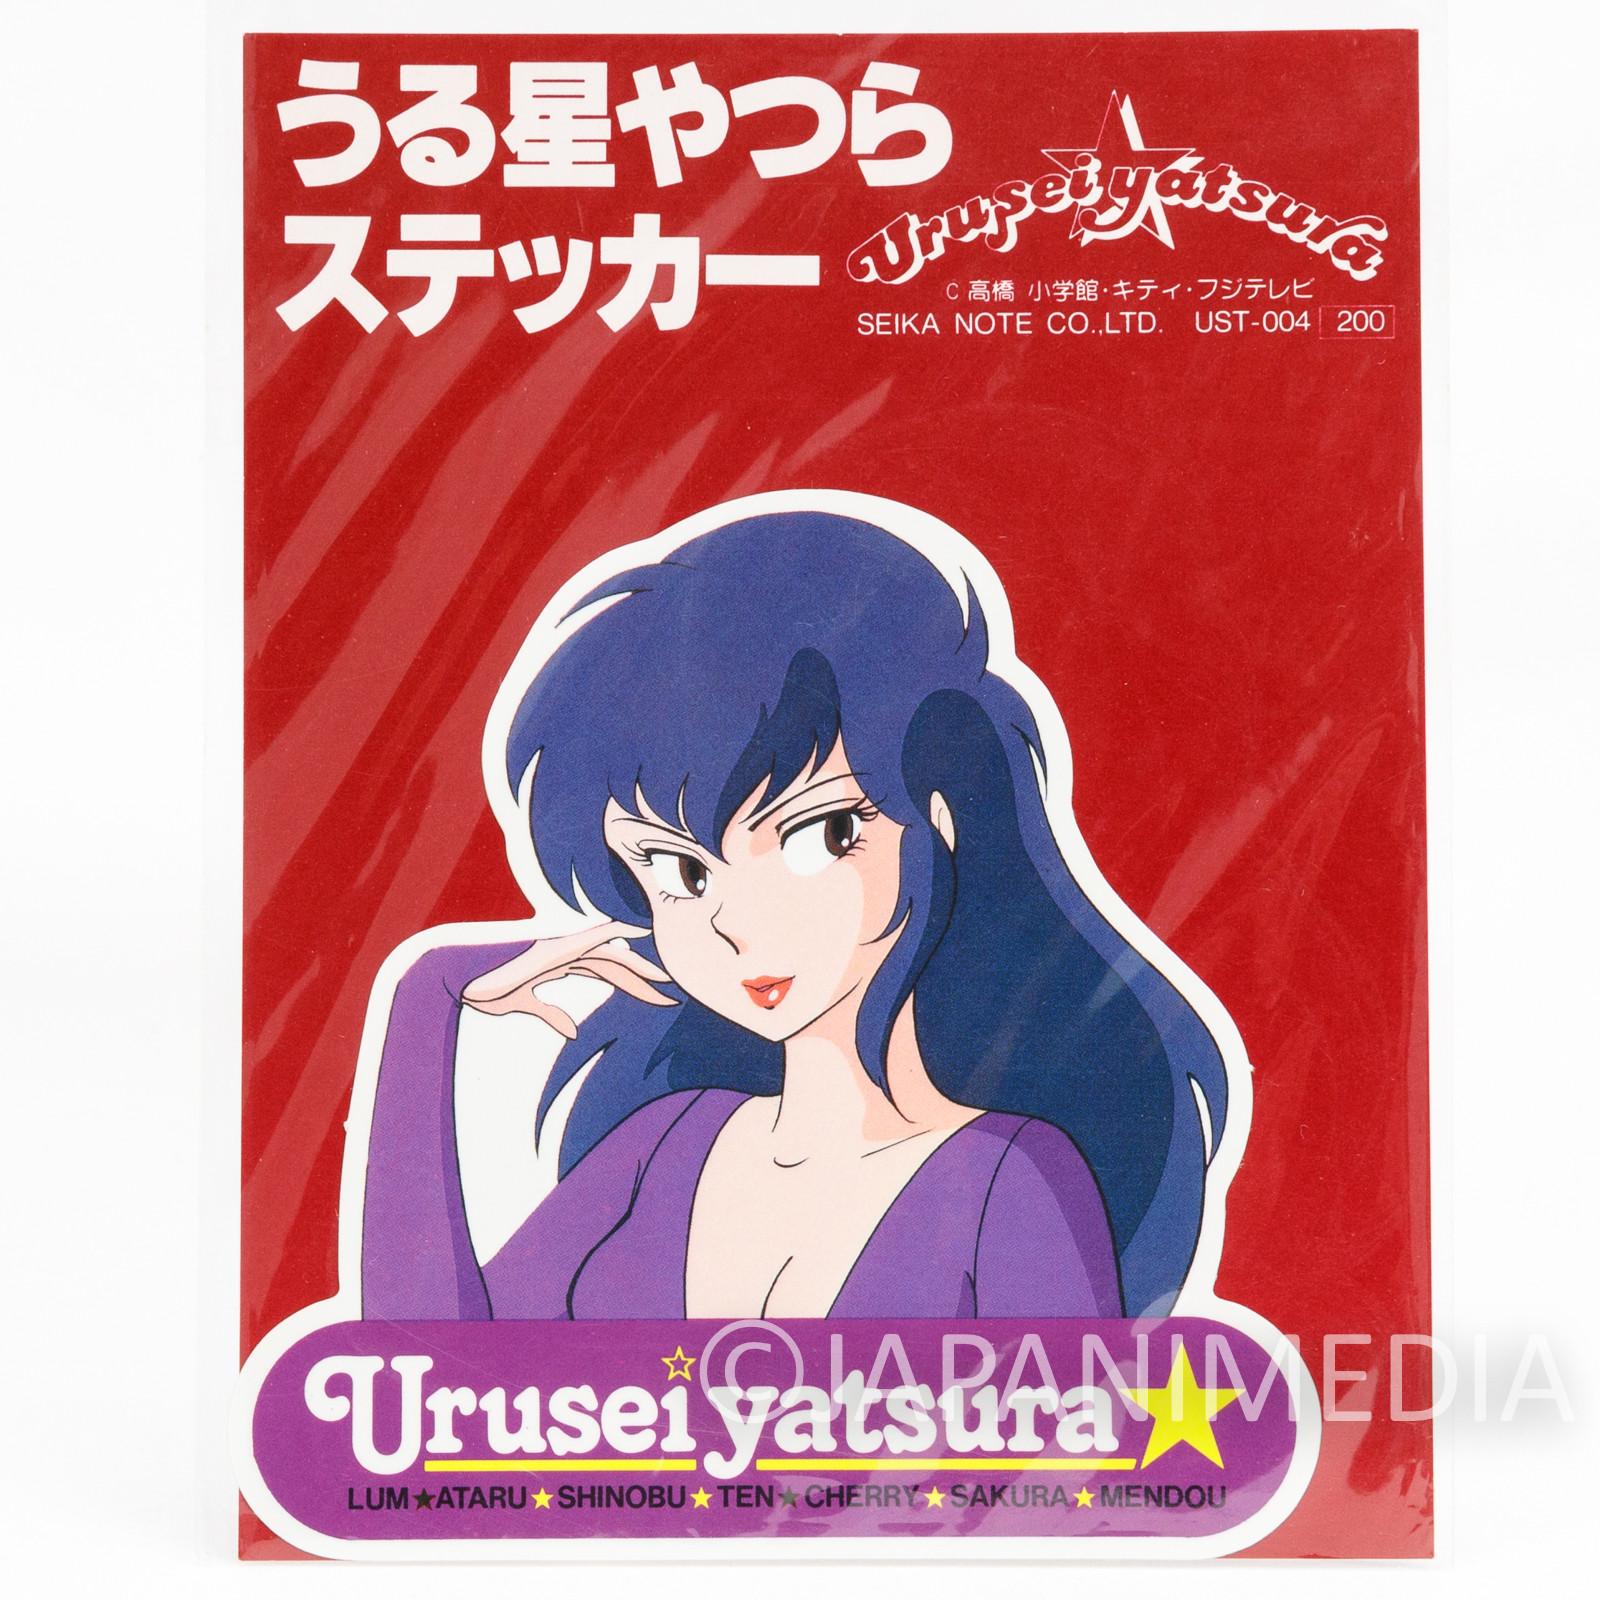 Retro Urusei Yatsura Sticker SAKURA #2 JAPAN ANIME SEIKA NOTE